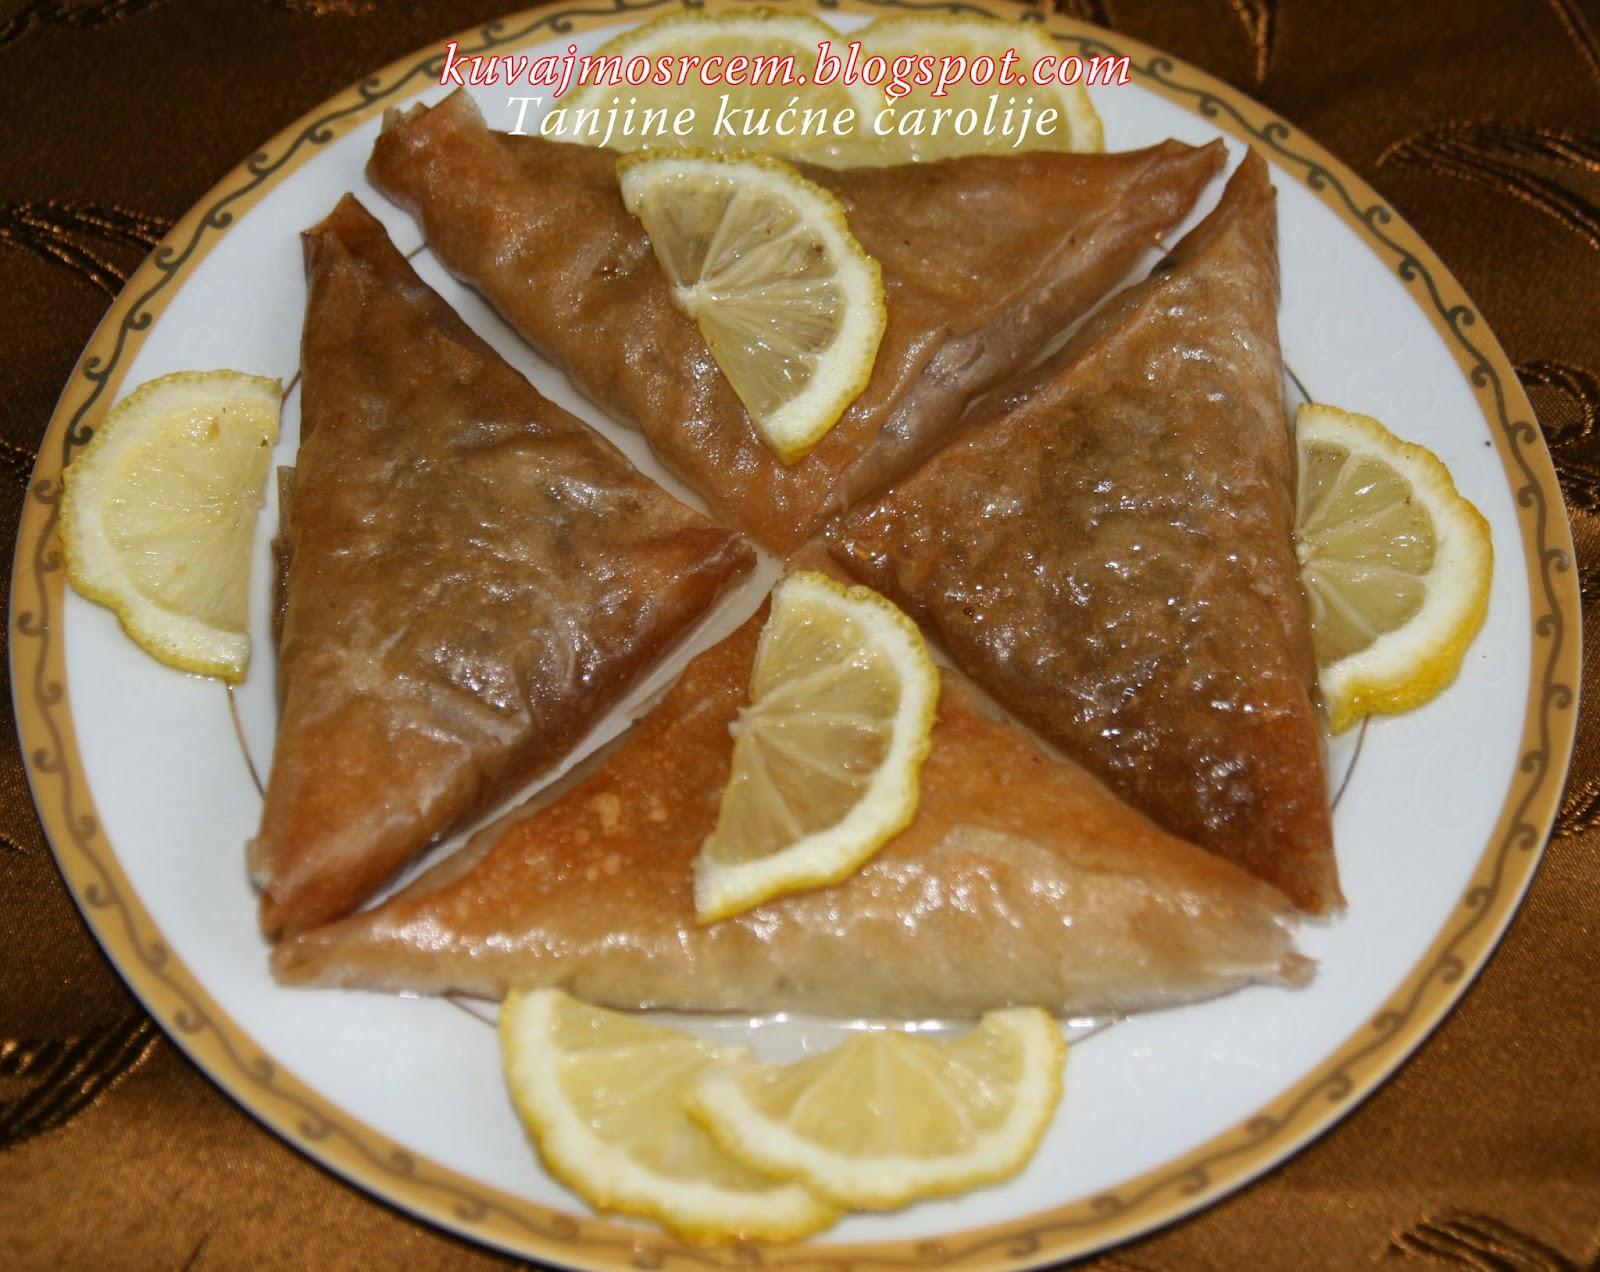 Baklava - Tanjine kućne čarolije